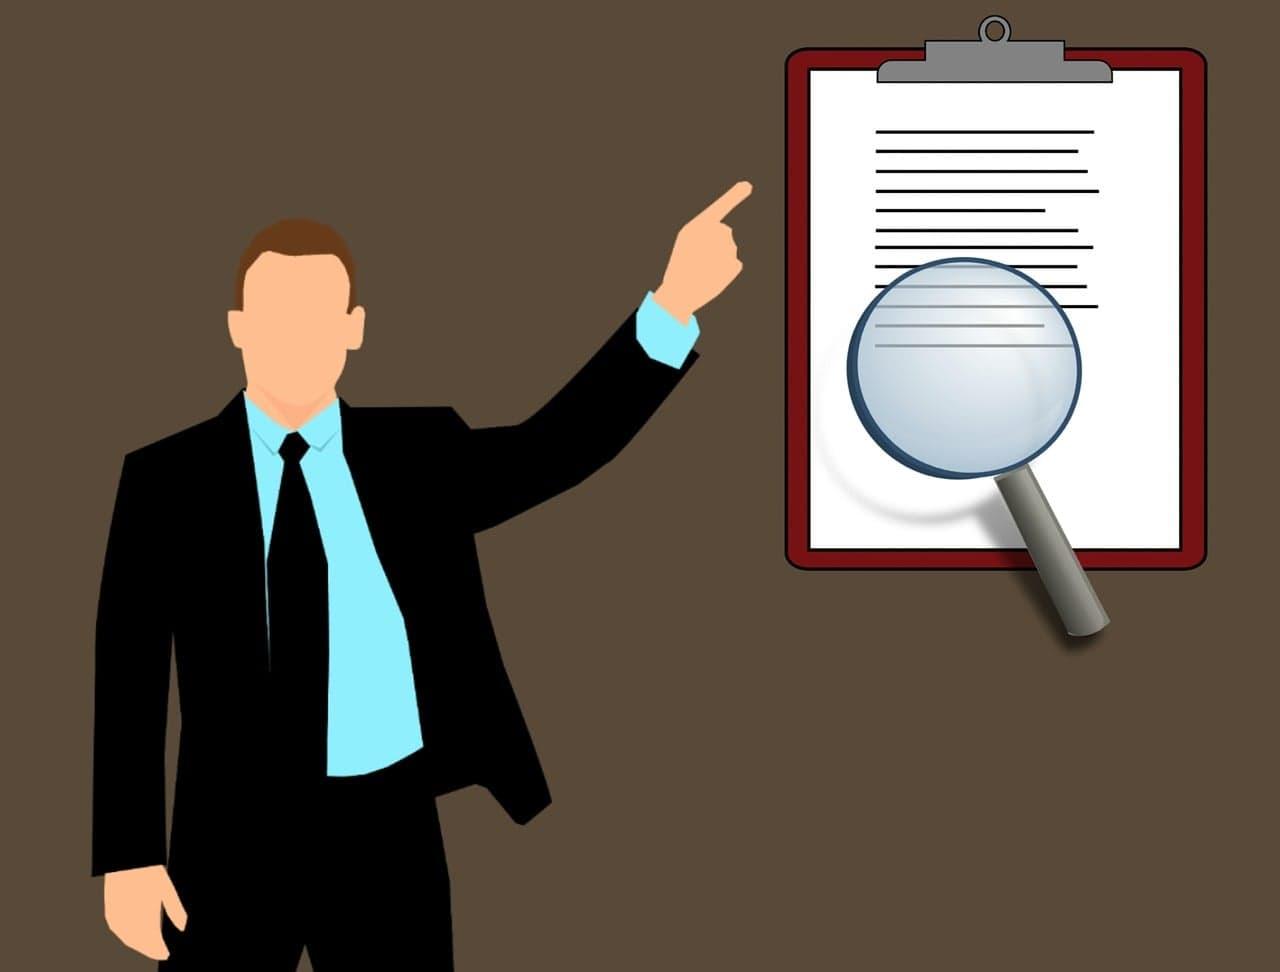 актуальный пример корпоративного договора для ООО в Украине